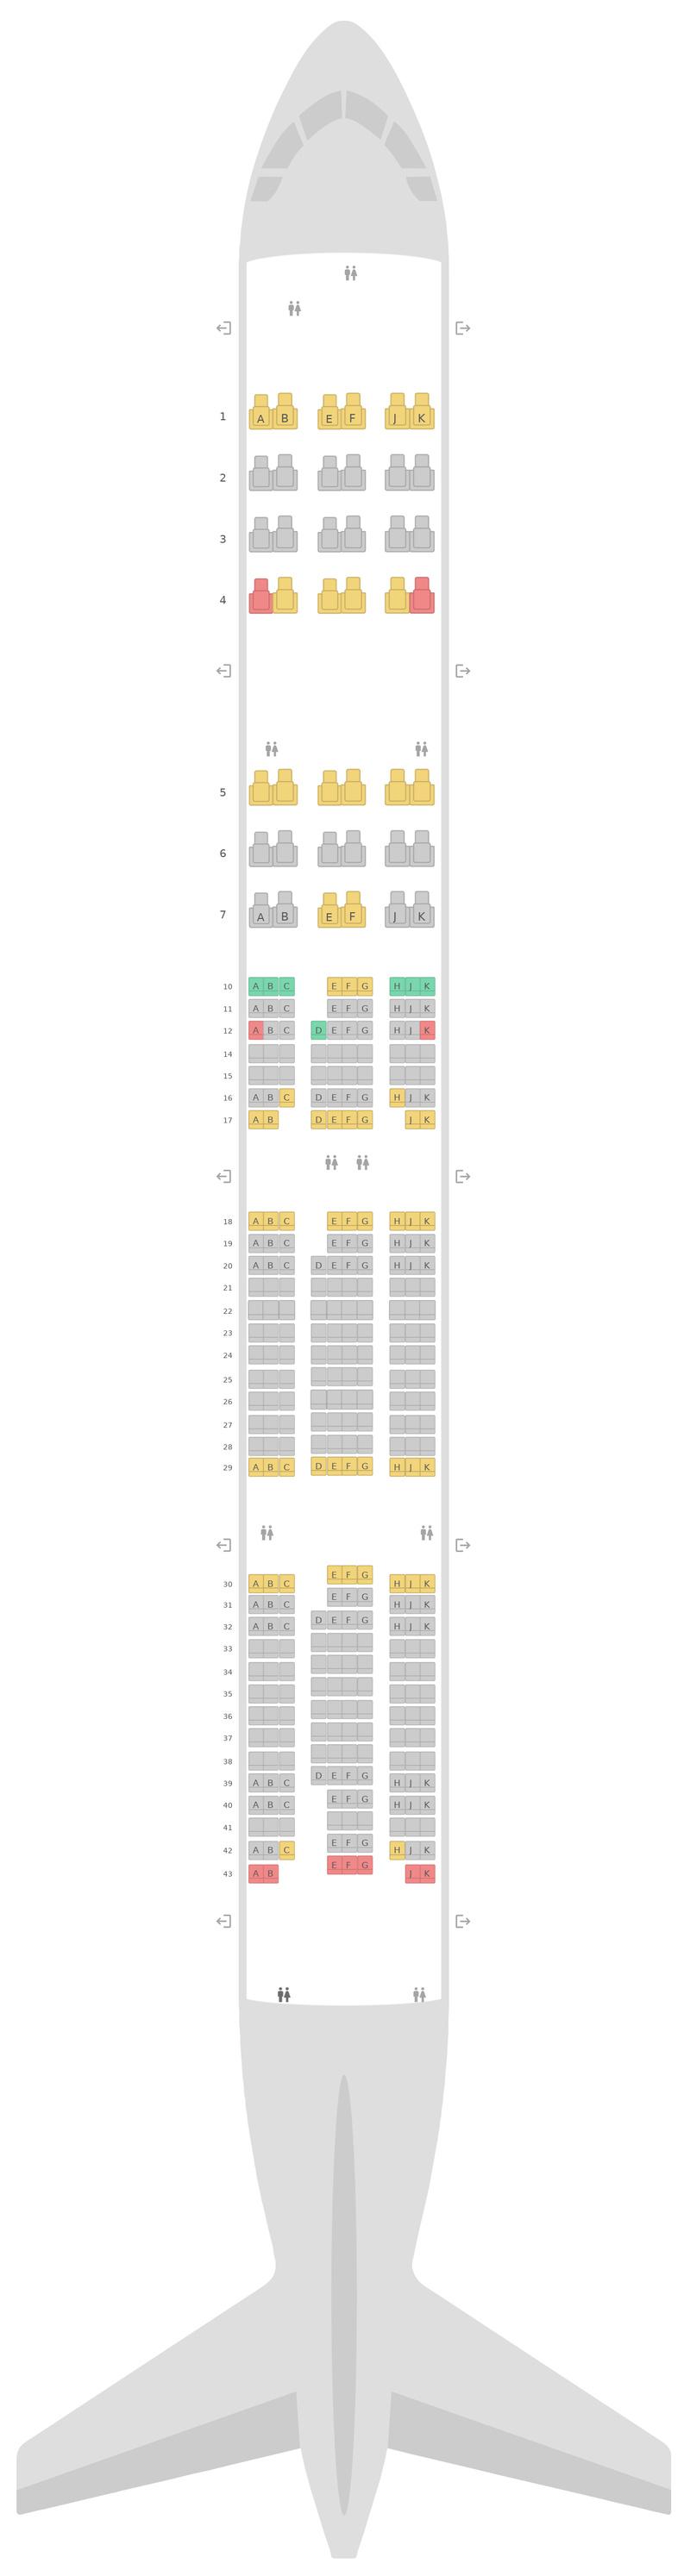 Sitzplan Boeing 777-300ER (77W) v4 Qatar Airways